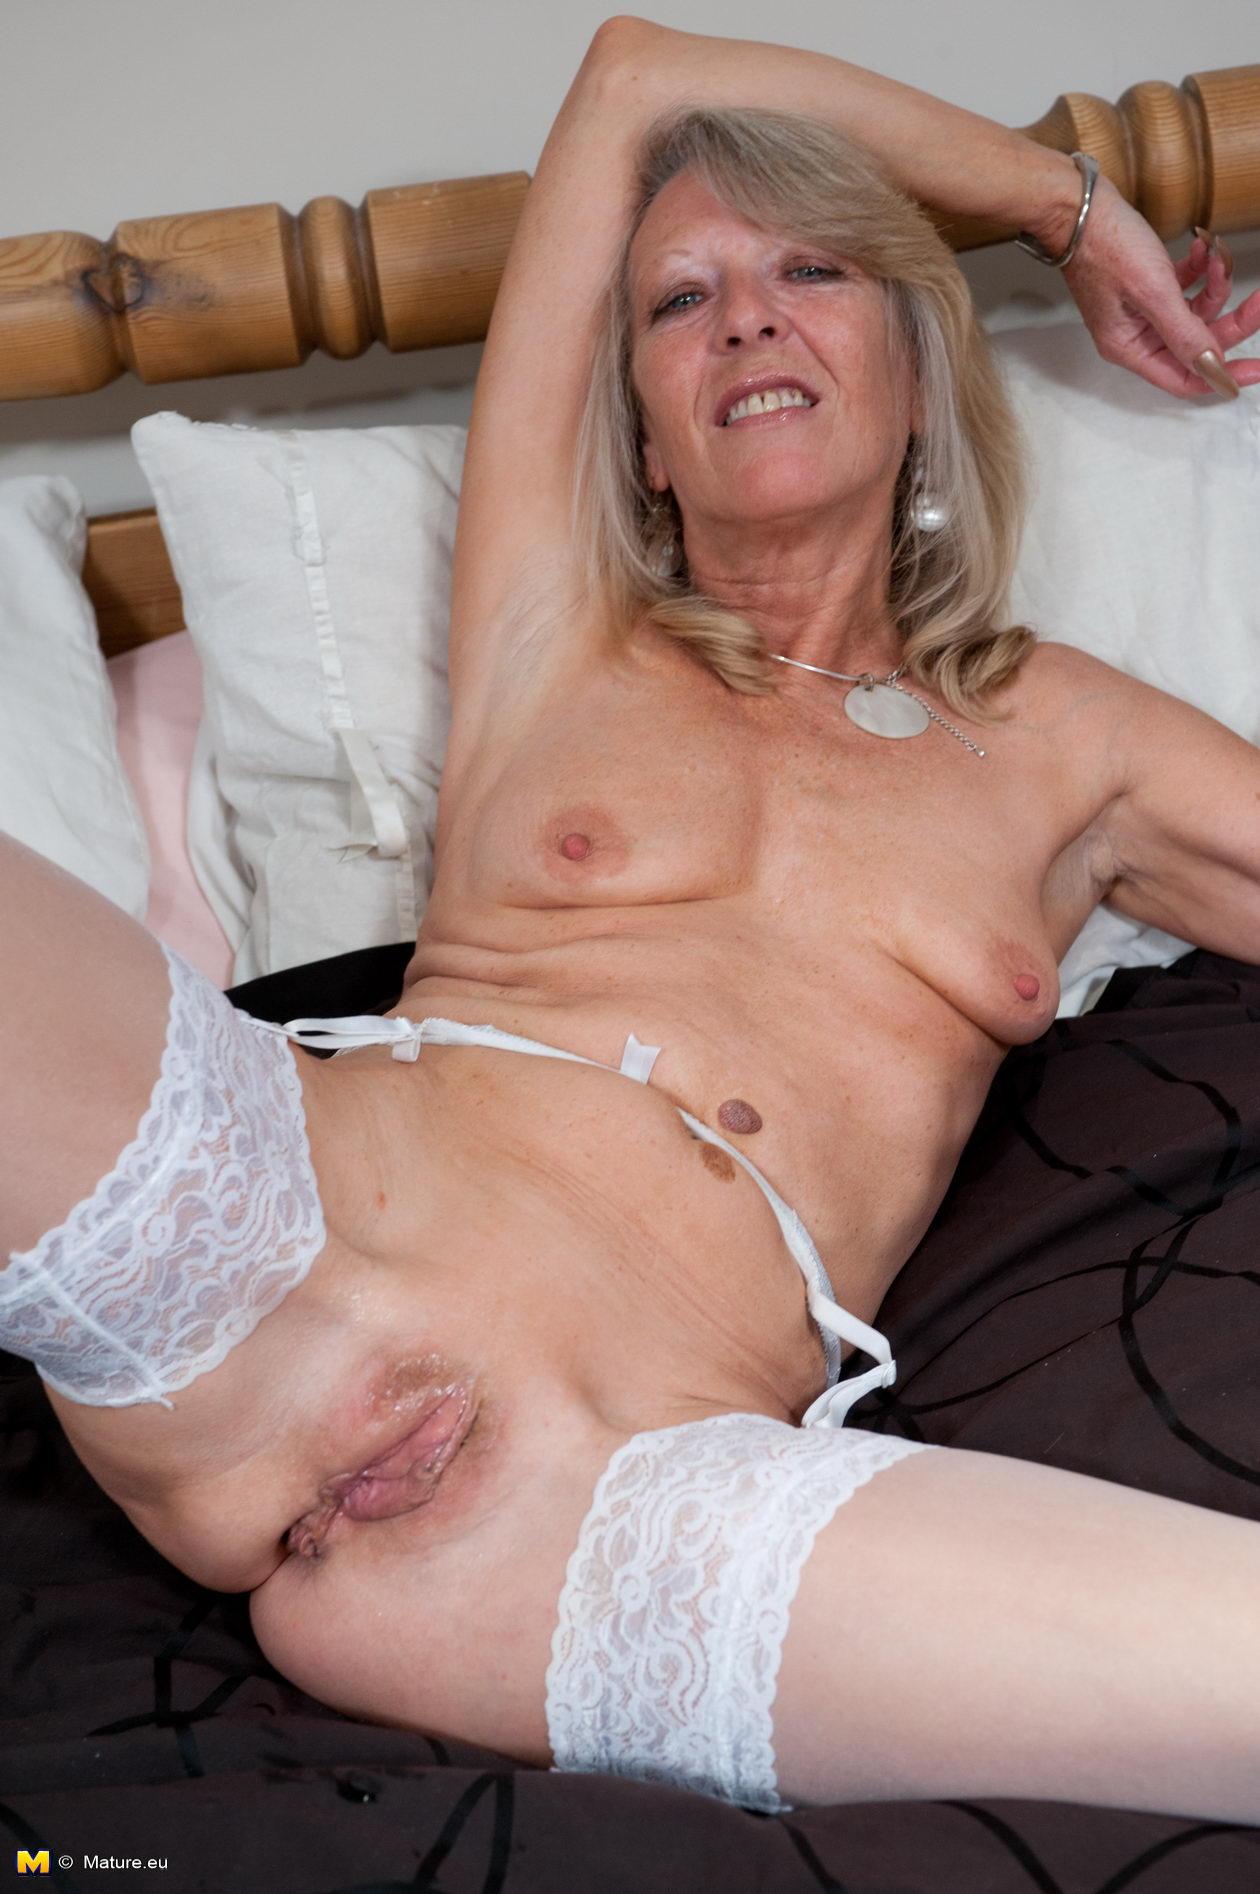 Goldie jackson big bra owners